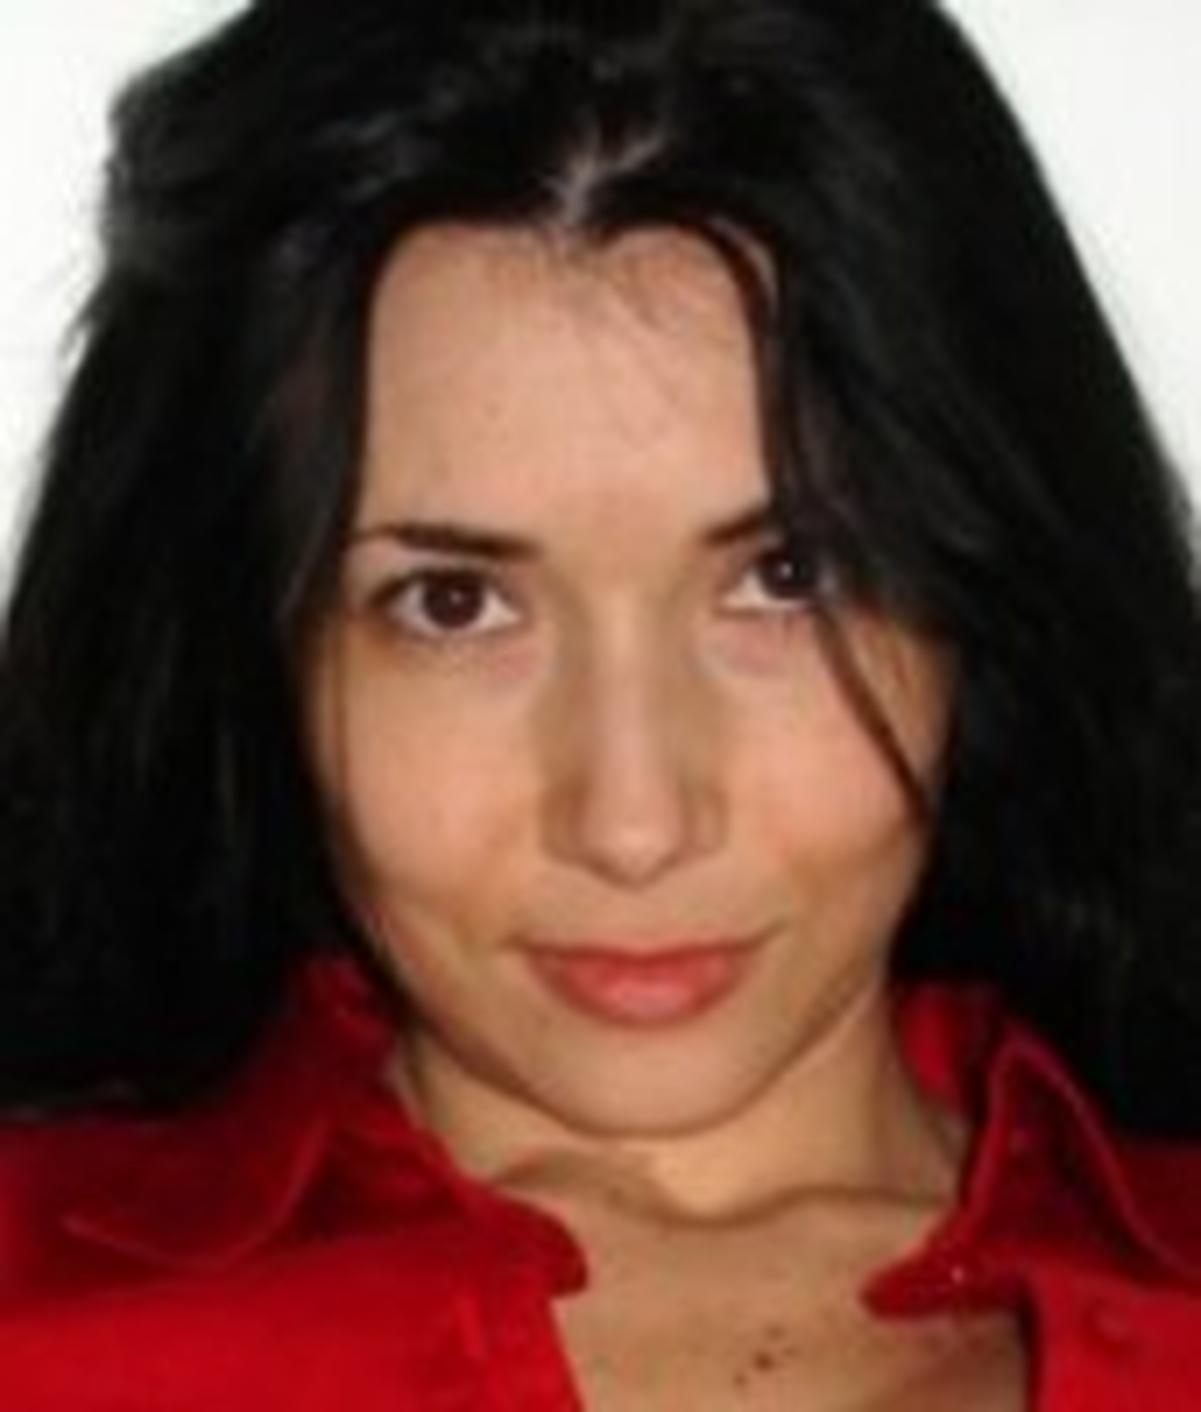 Tara Tainton